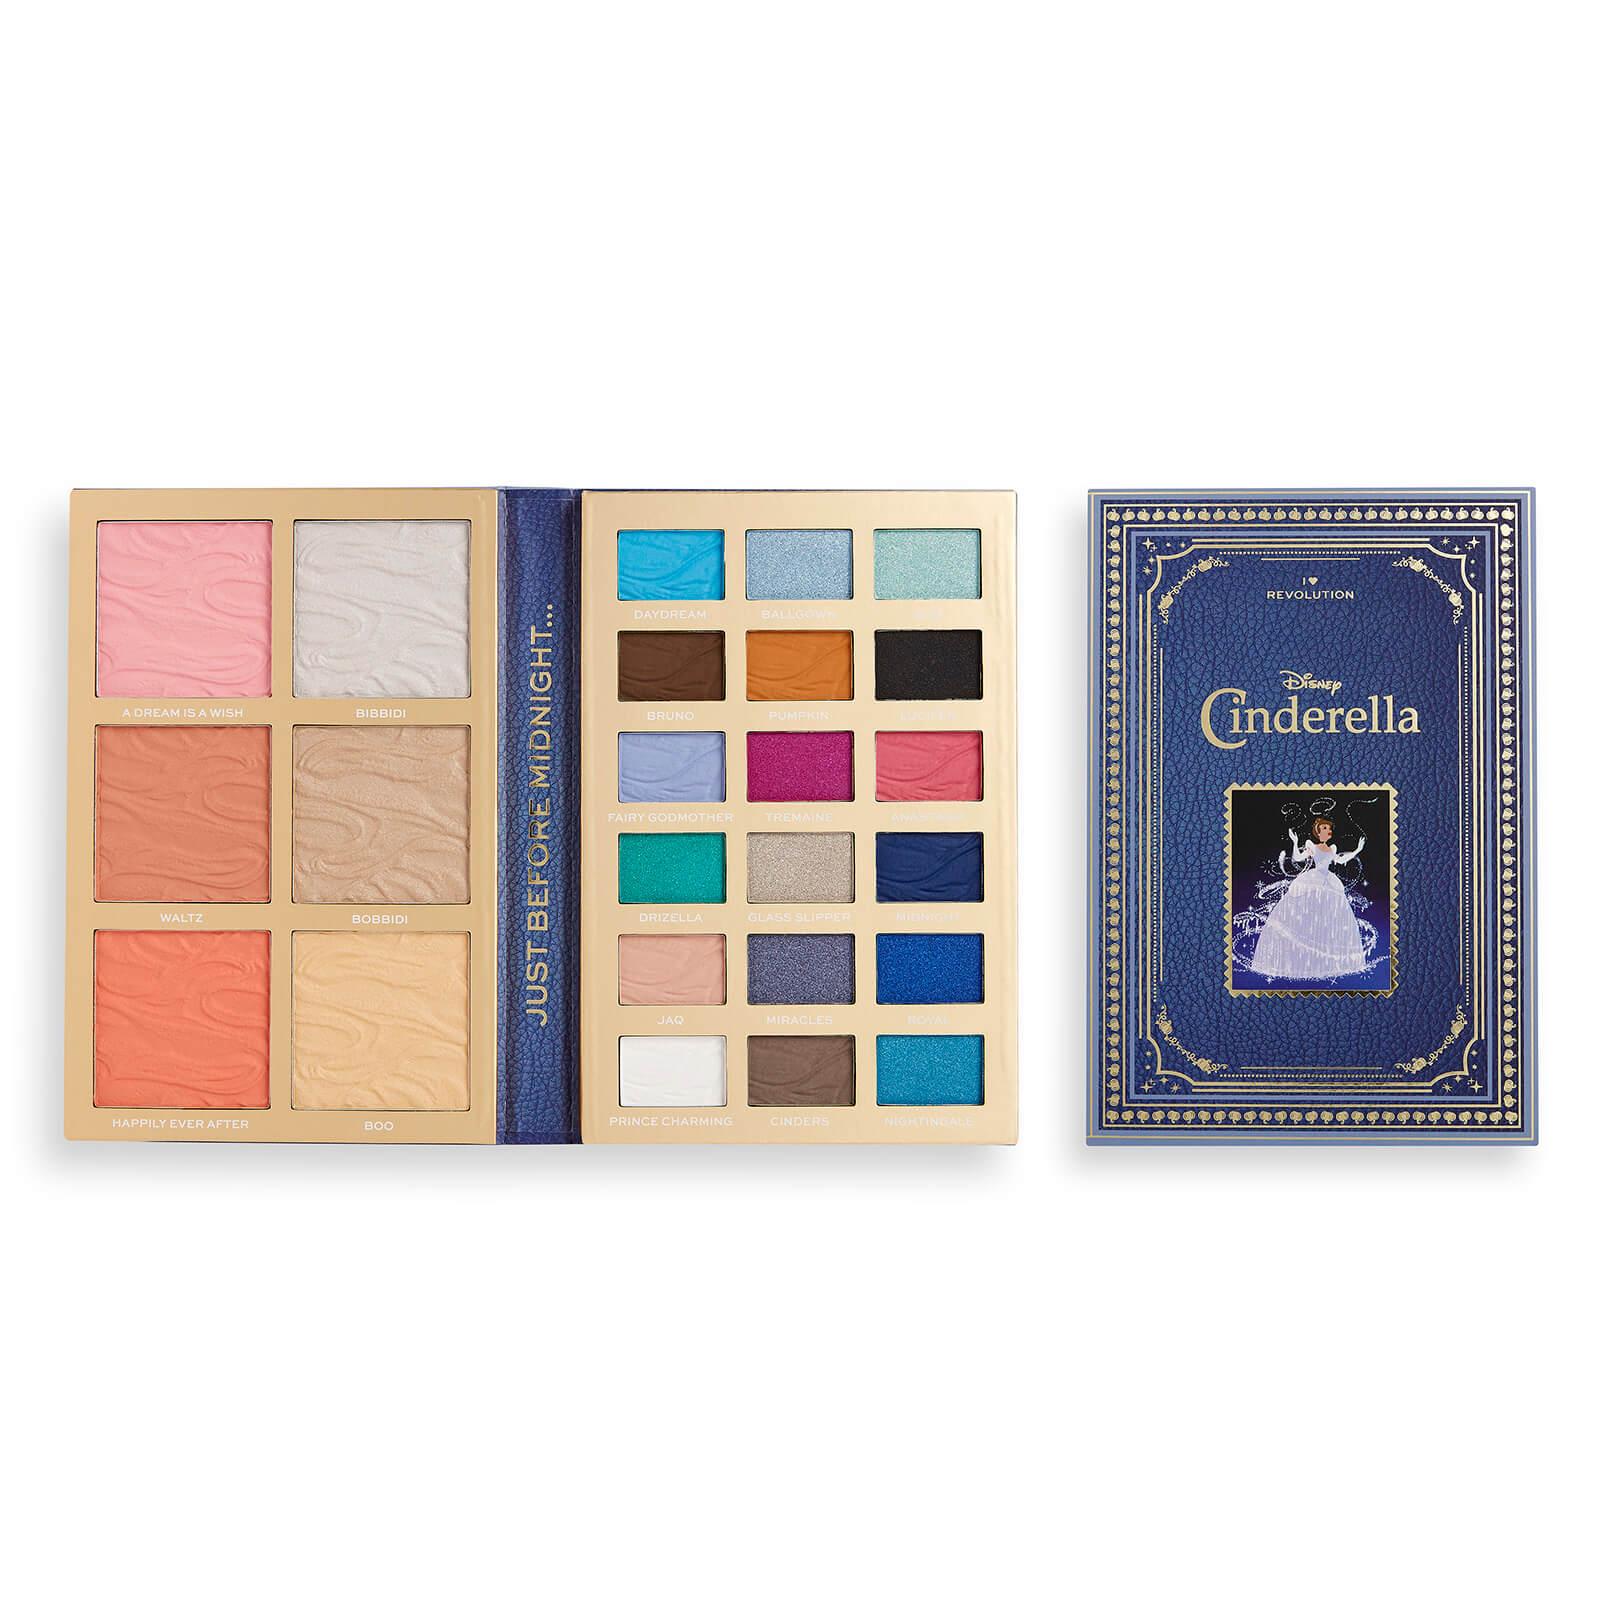 Купить Палетка теней для век Revolution I Heart Revolution X Disney Storybook Palette Cinderella